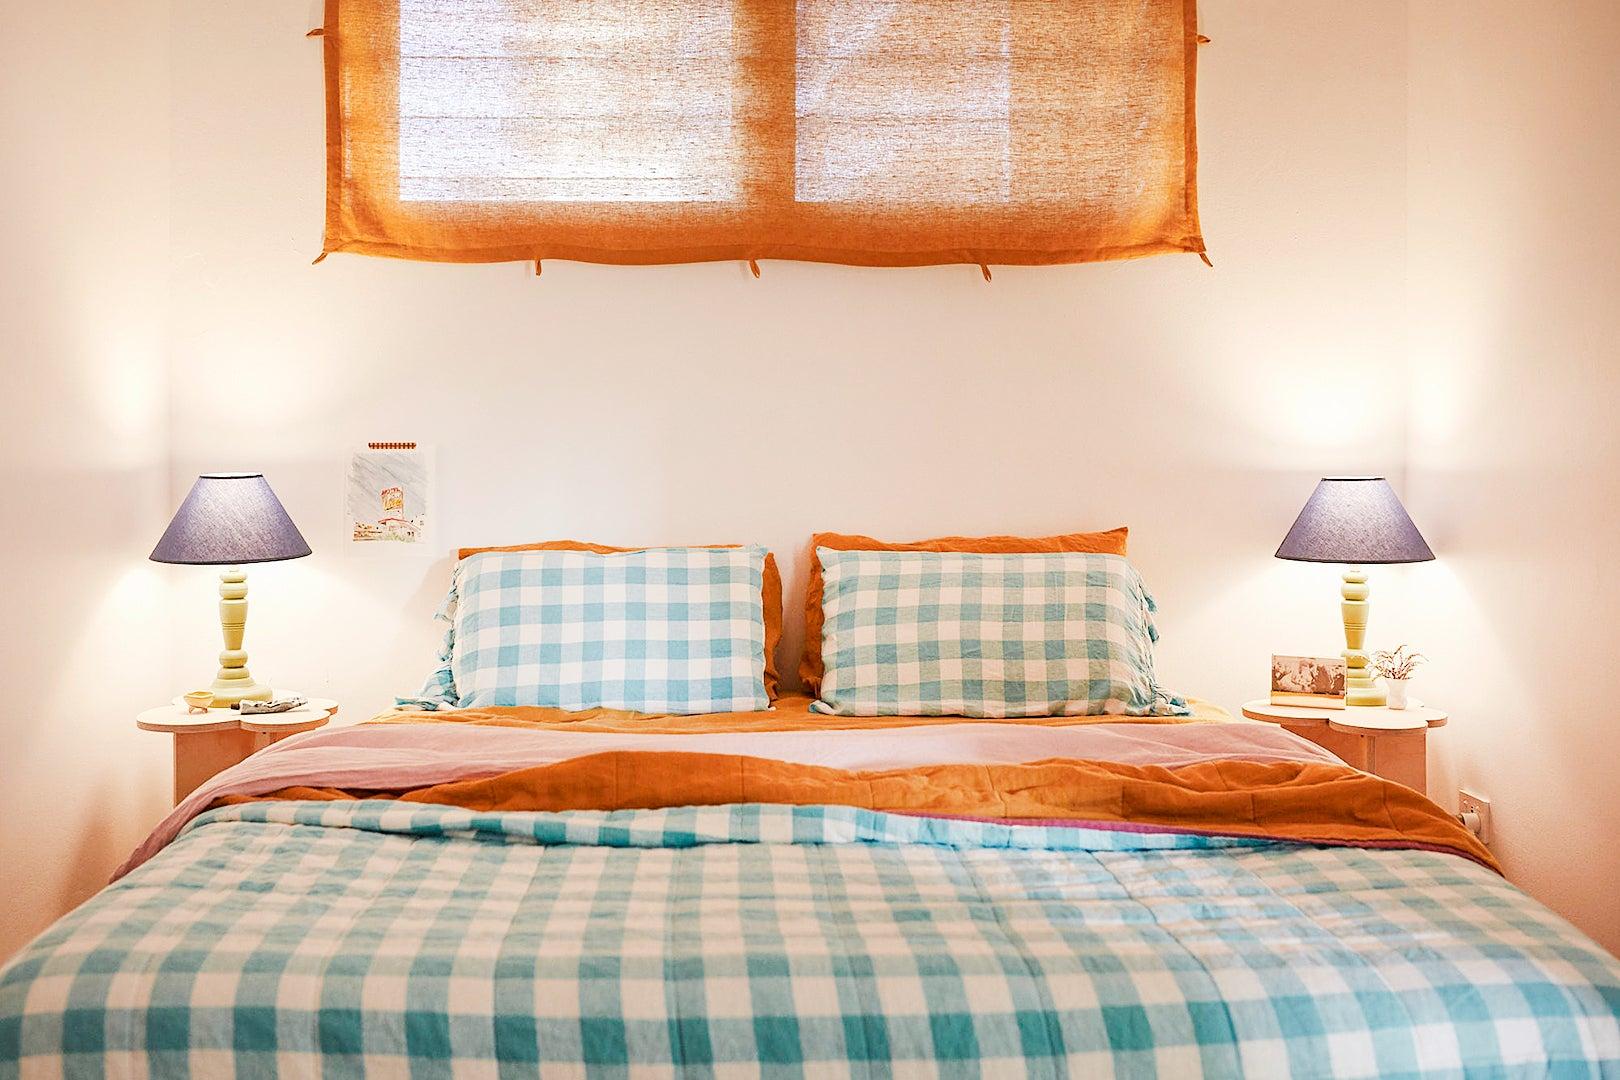 checkered bedding